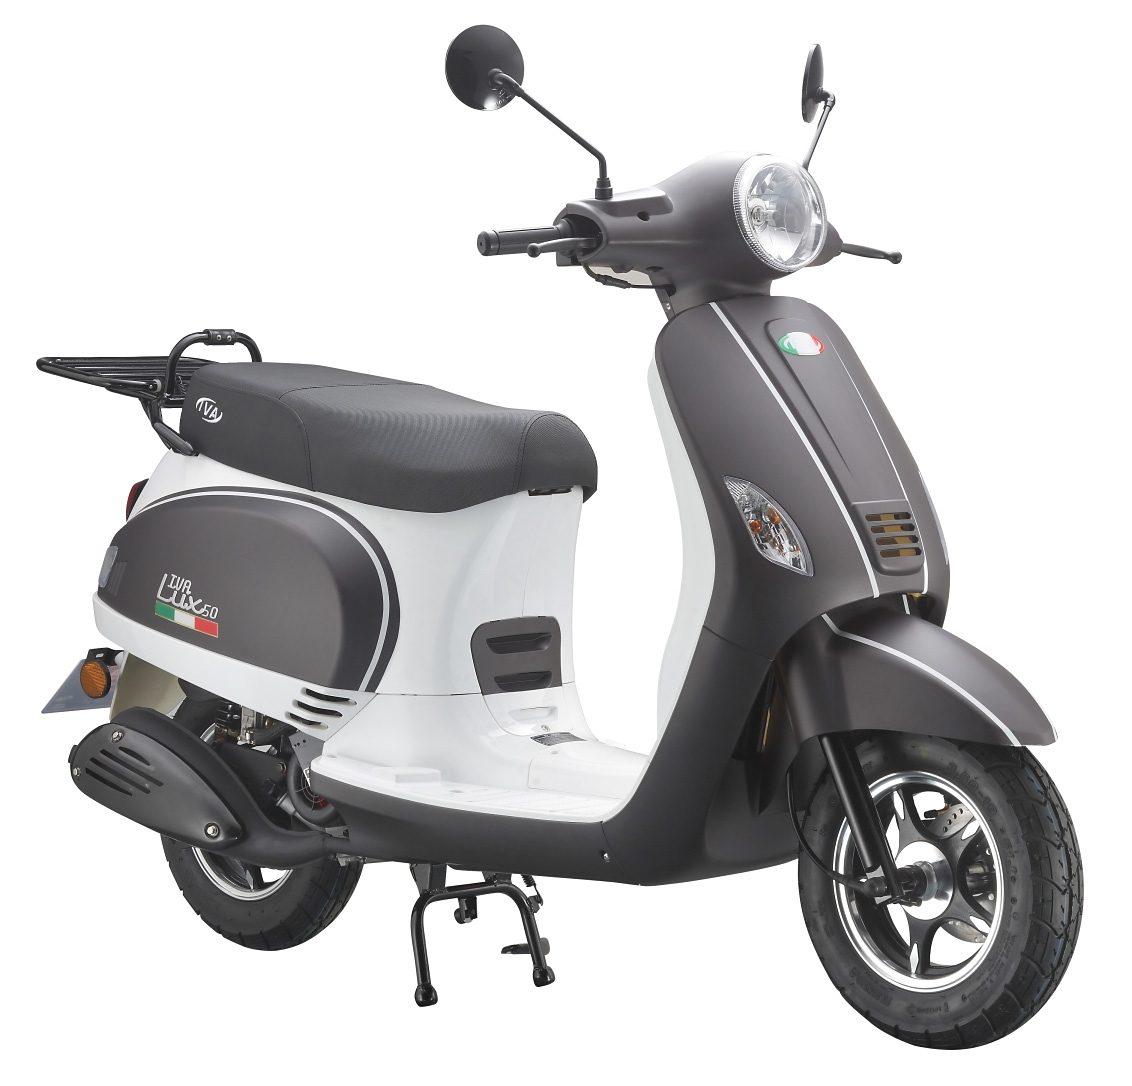 Motorroller, 50 ccm, 3 PS, 45 km/h, für 2 Personen, mattschwarz-weiss, »LUX«, IVA